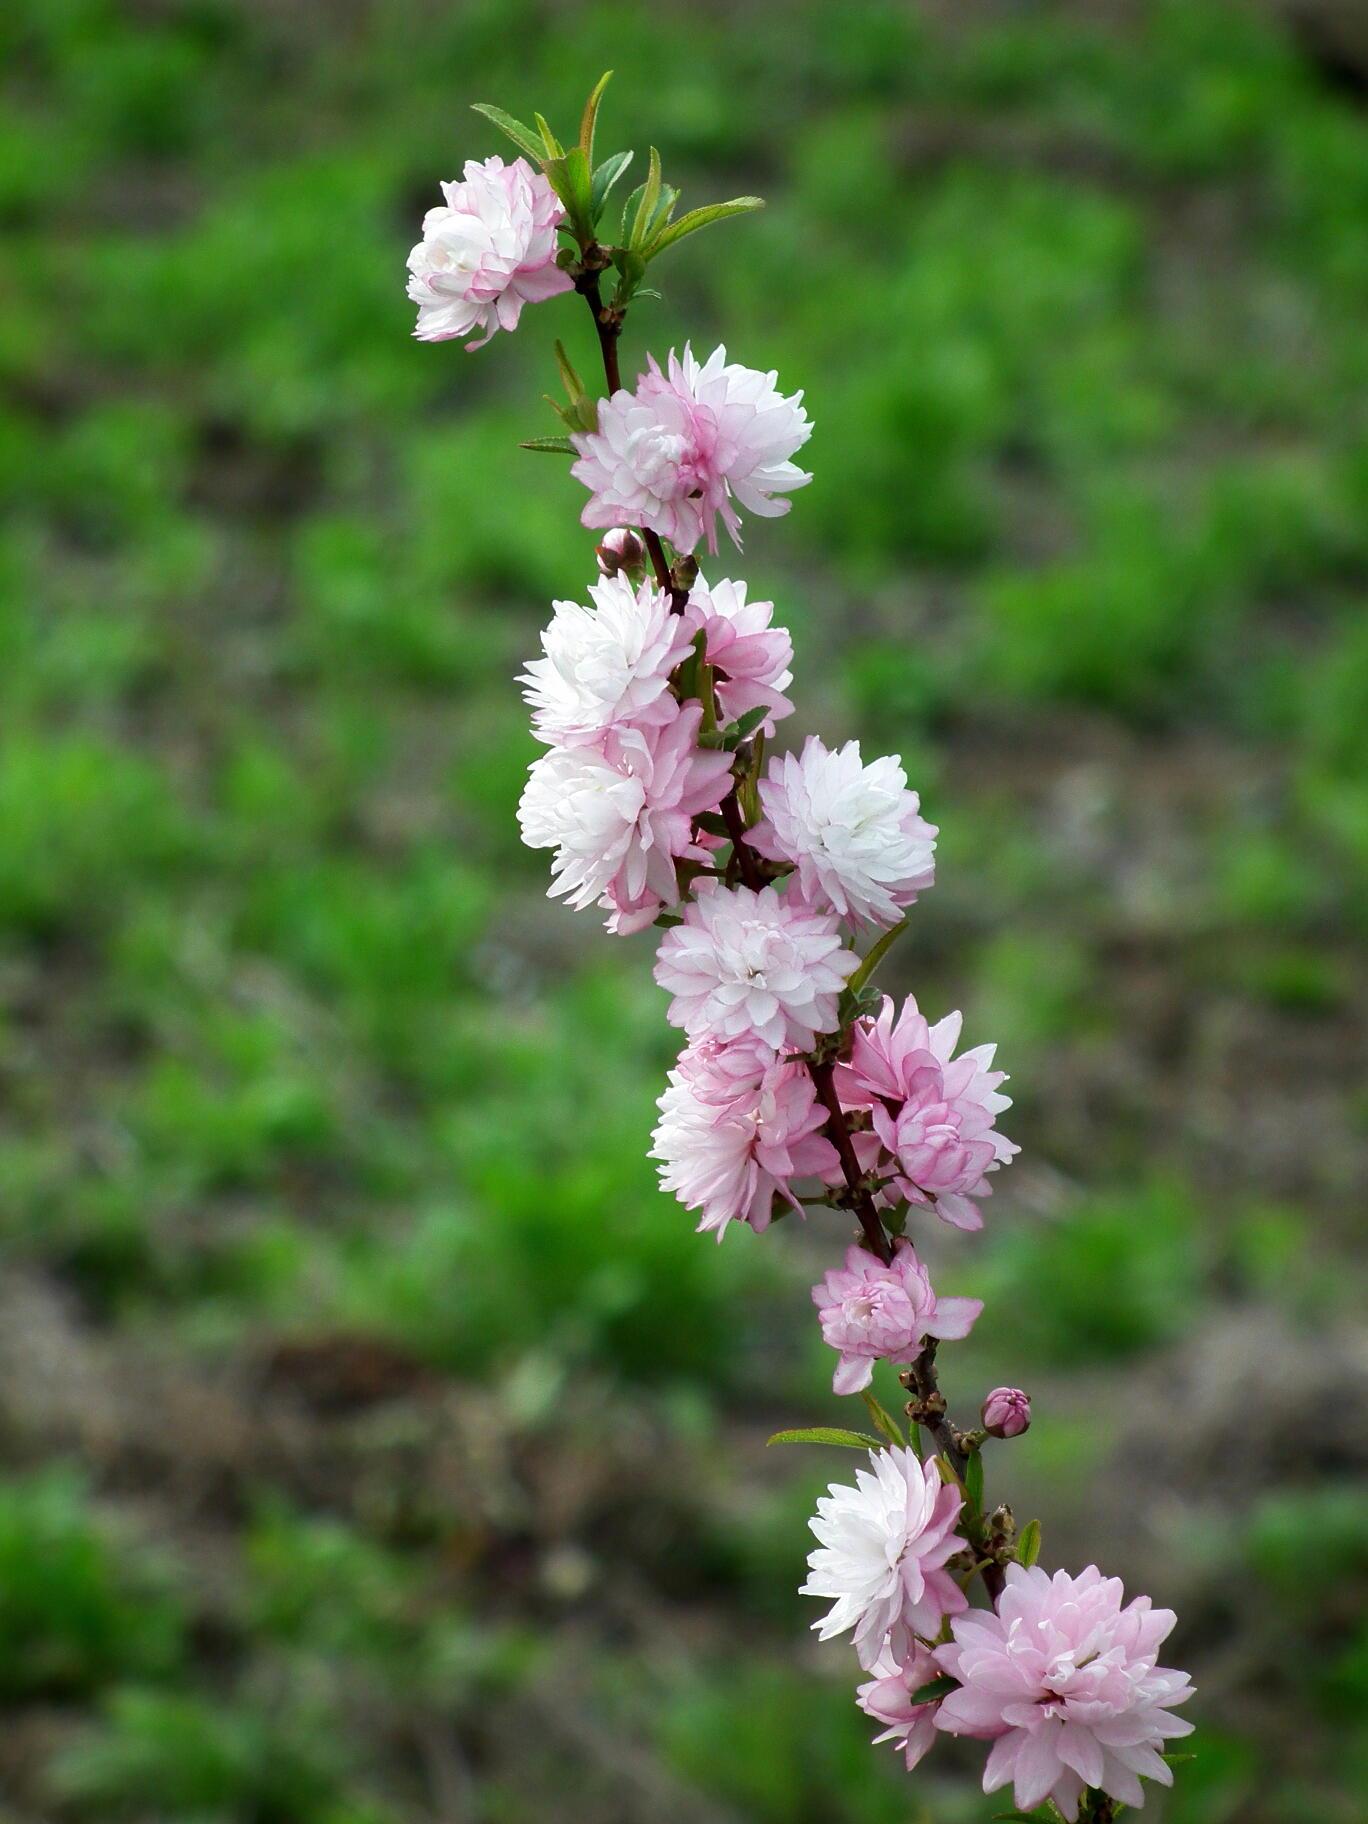 中国では麦李…日本では庭桜_e0064158_2355627.jpg